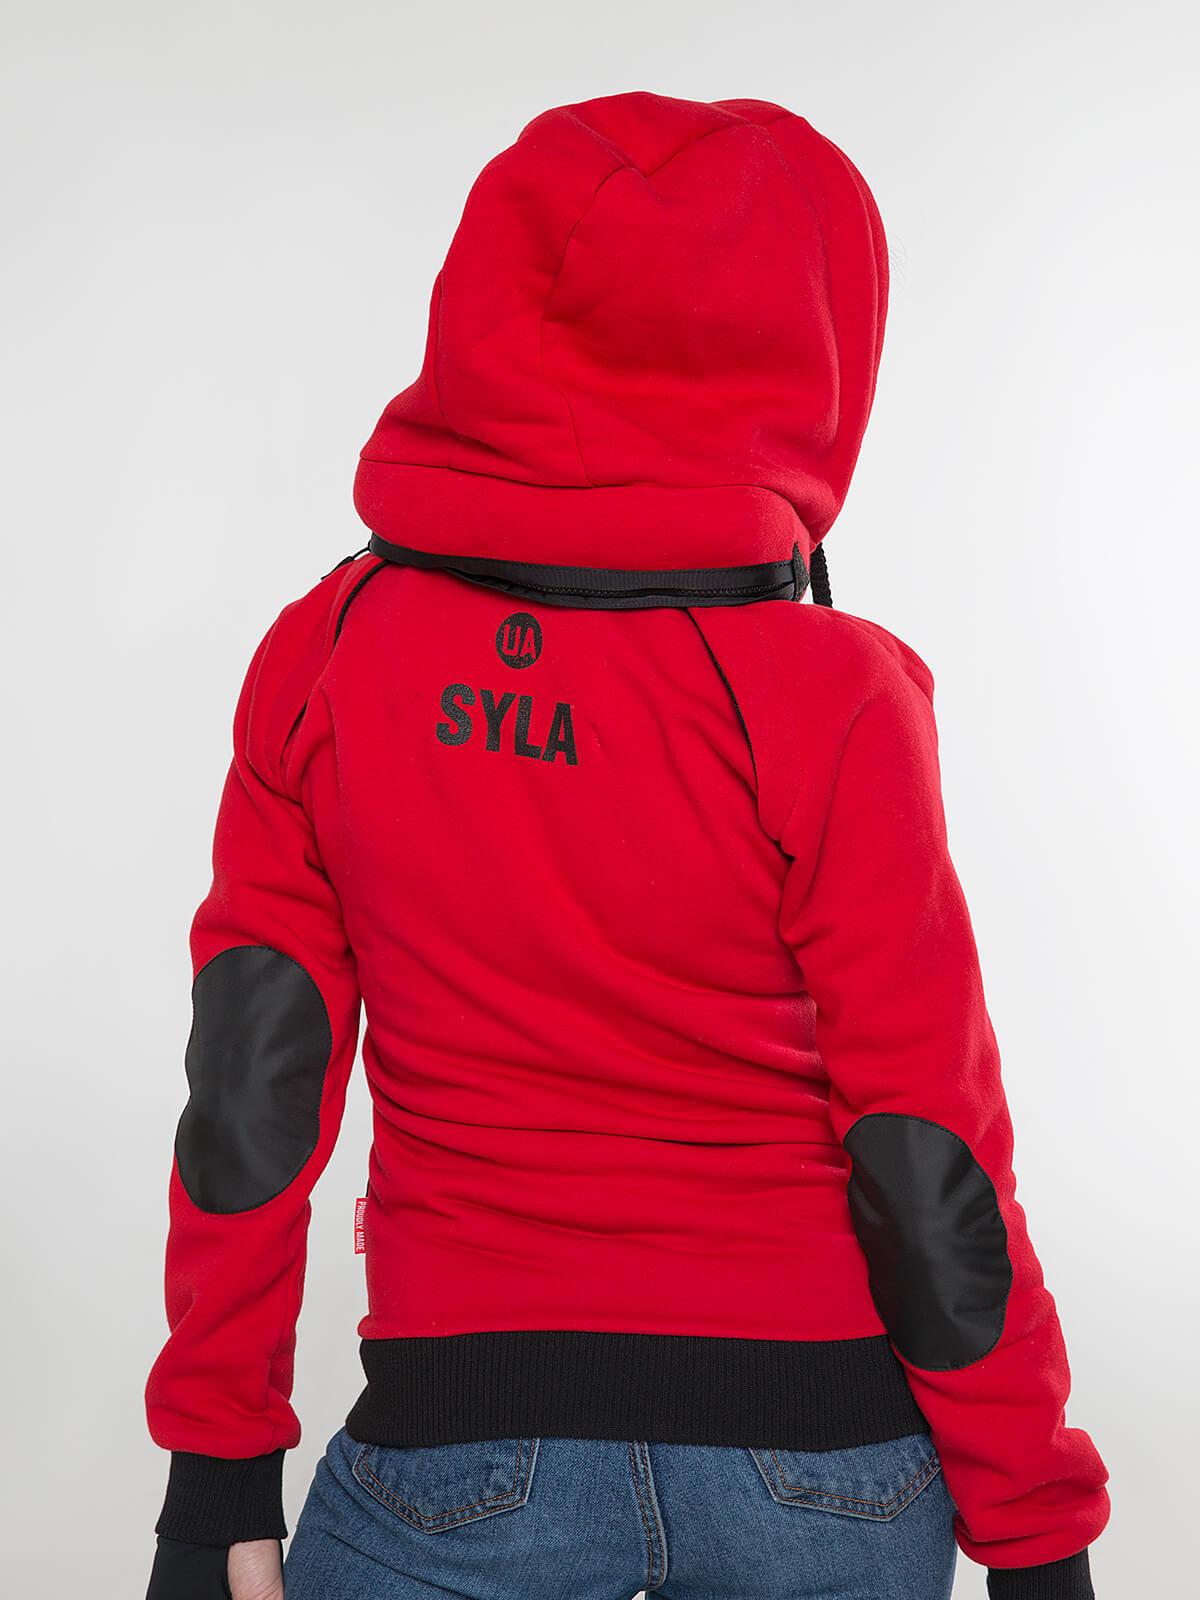 Жіноче Худі Syla. Колір червоний.  Не варто переживати за універсальний розмір.